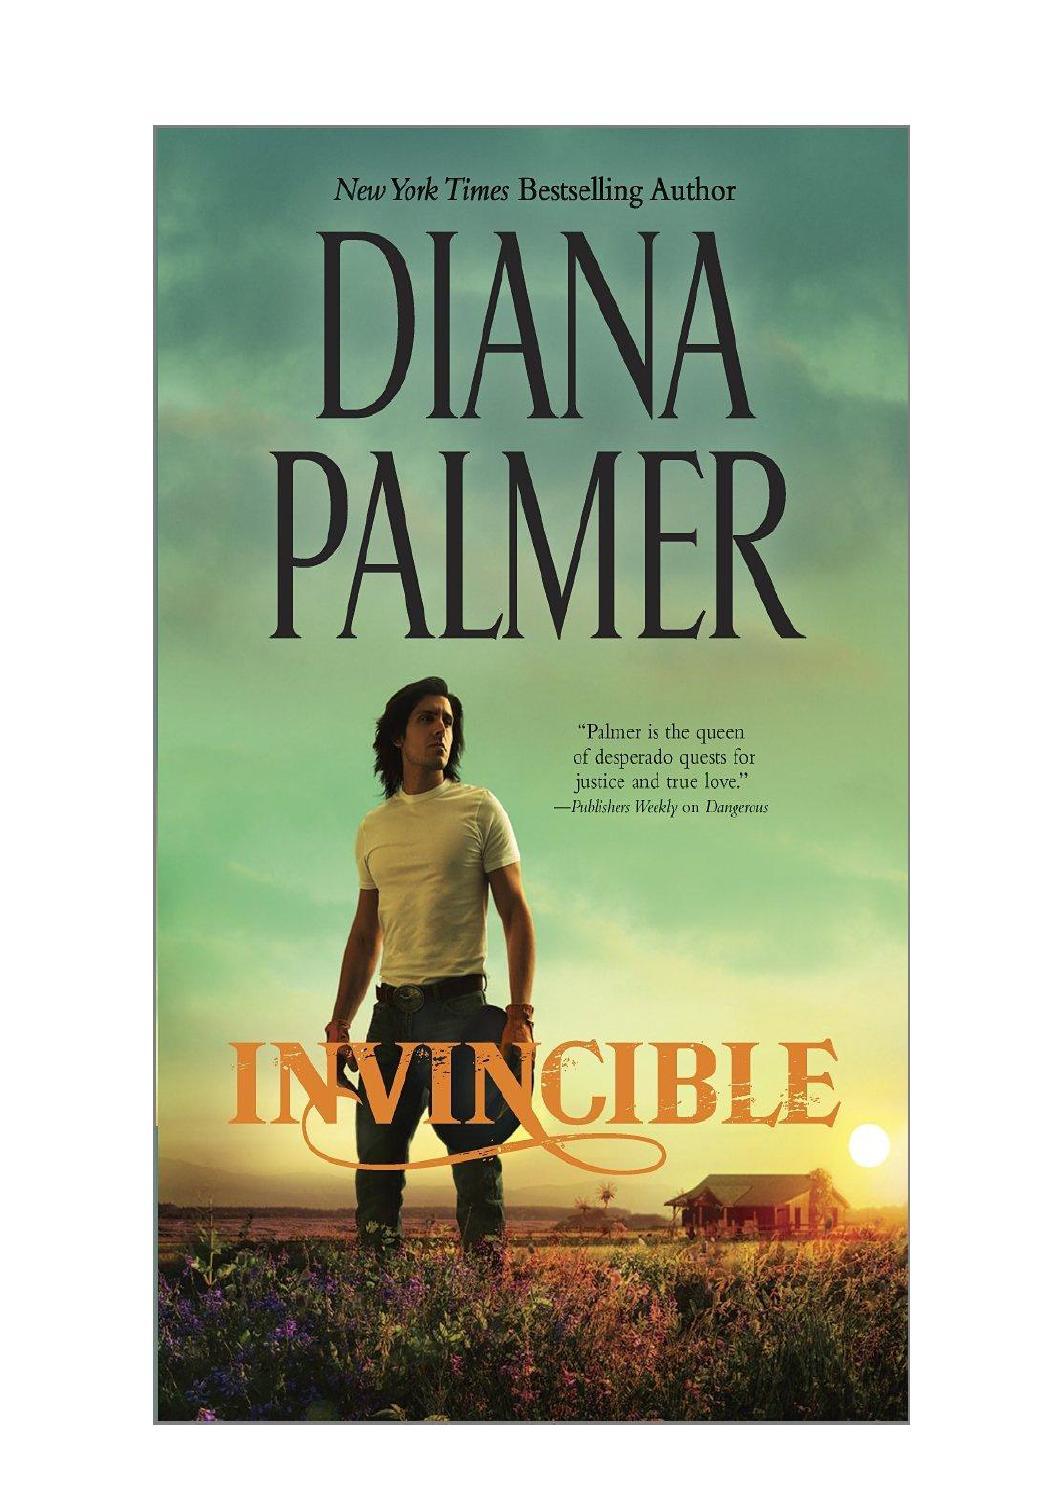 Invincible - Diana Palmer by Mariana Nolasco - issuu